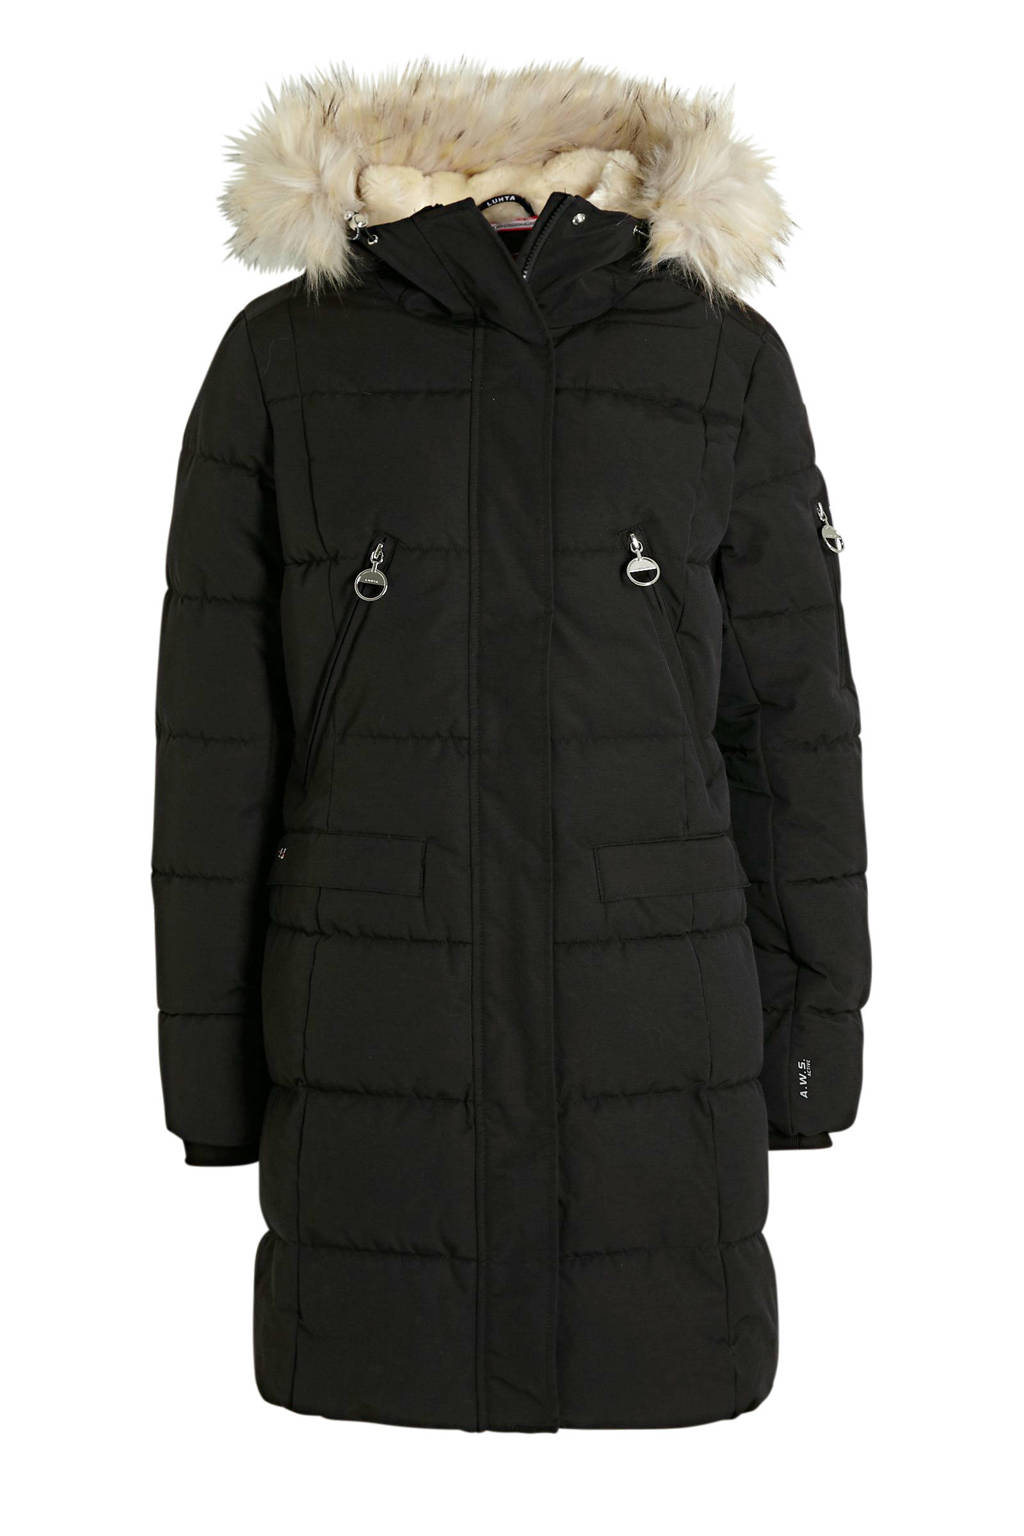 Luhta lange gewatteerde jas Eriksby zwart, Zwart